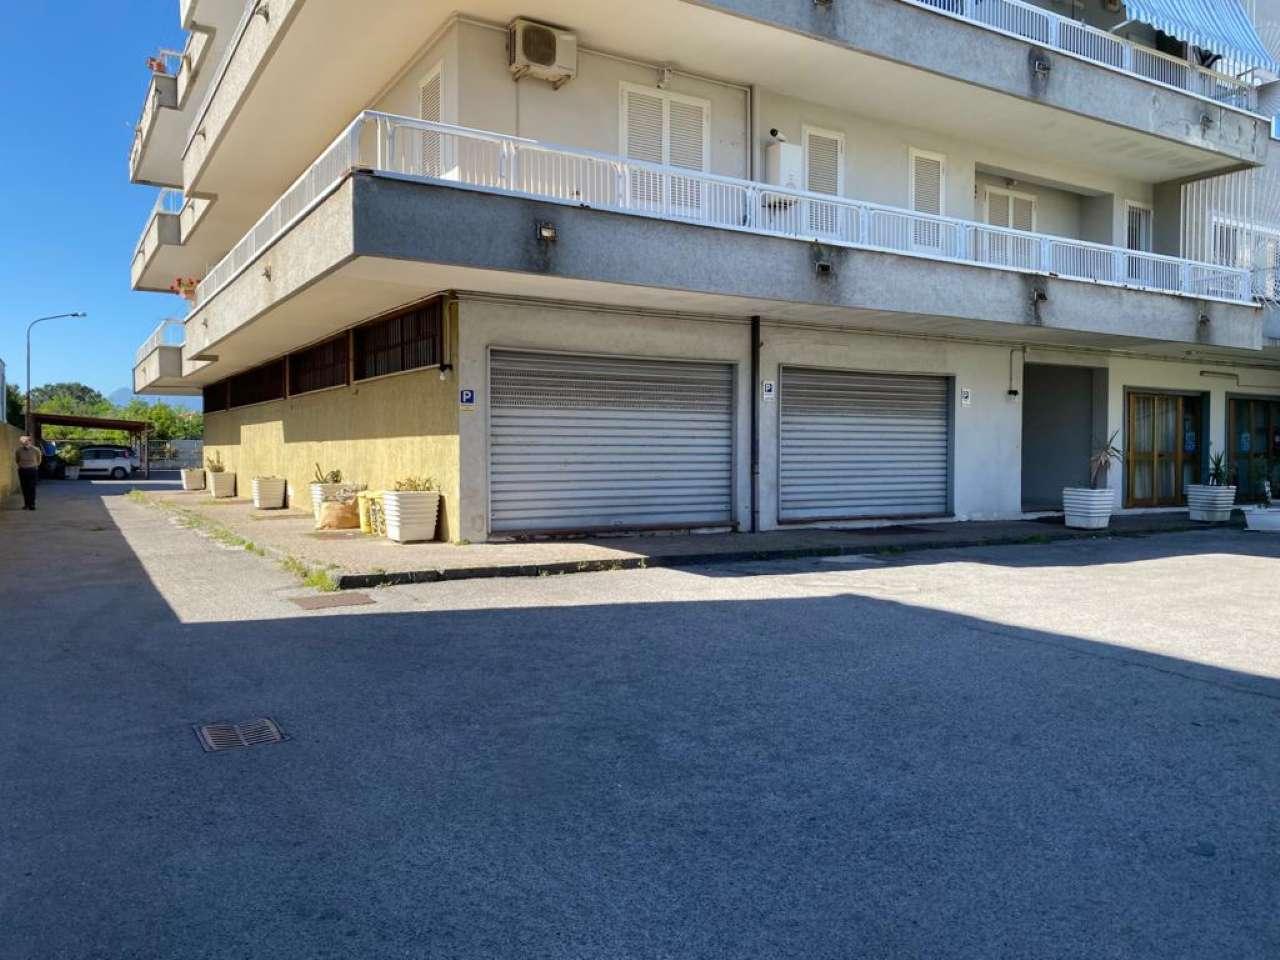 Negozio / Locale in vendita a Ottaviano, 1 locali, prezzo € 250.000 | CambioCasa.it